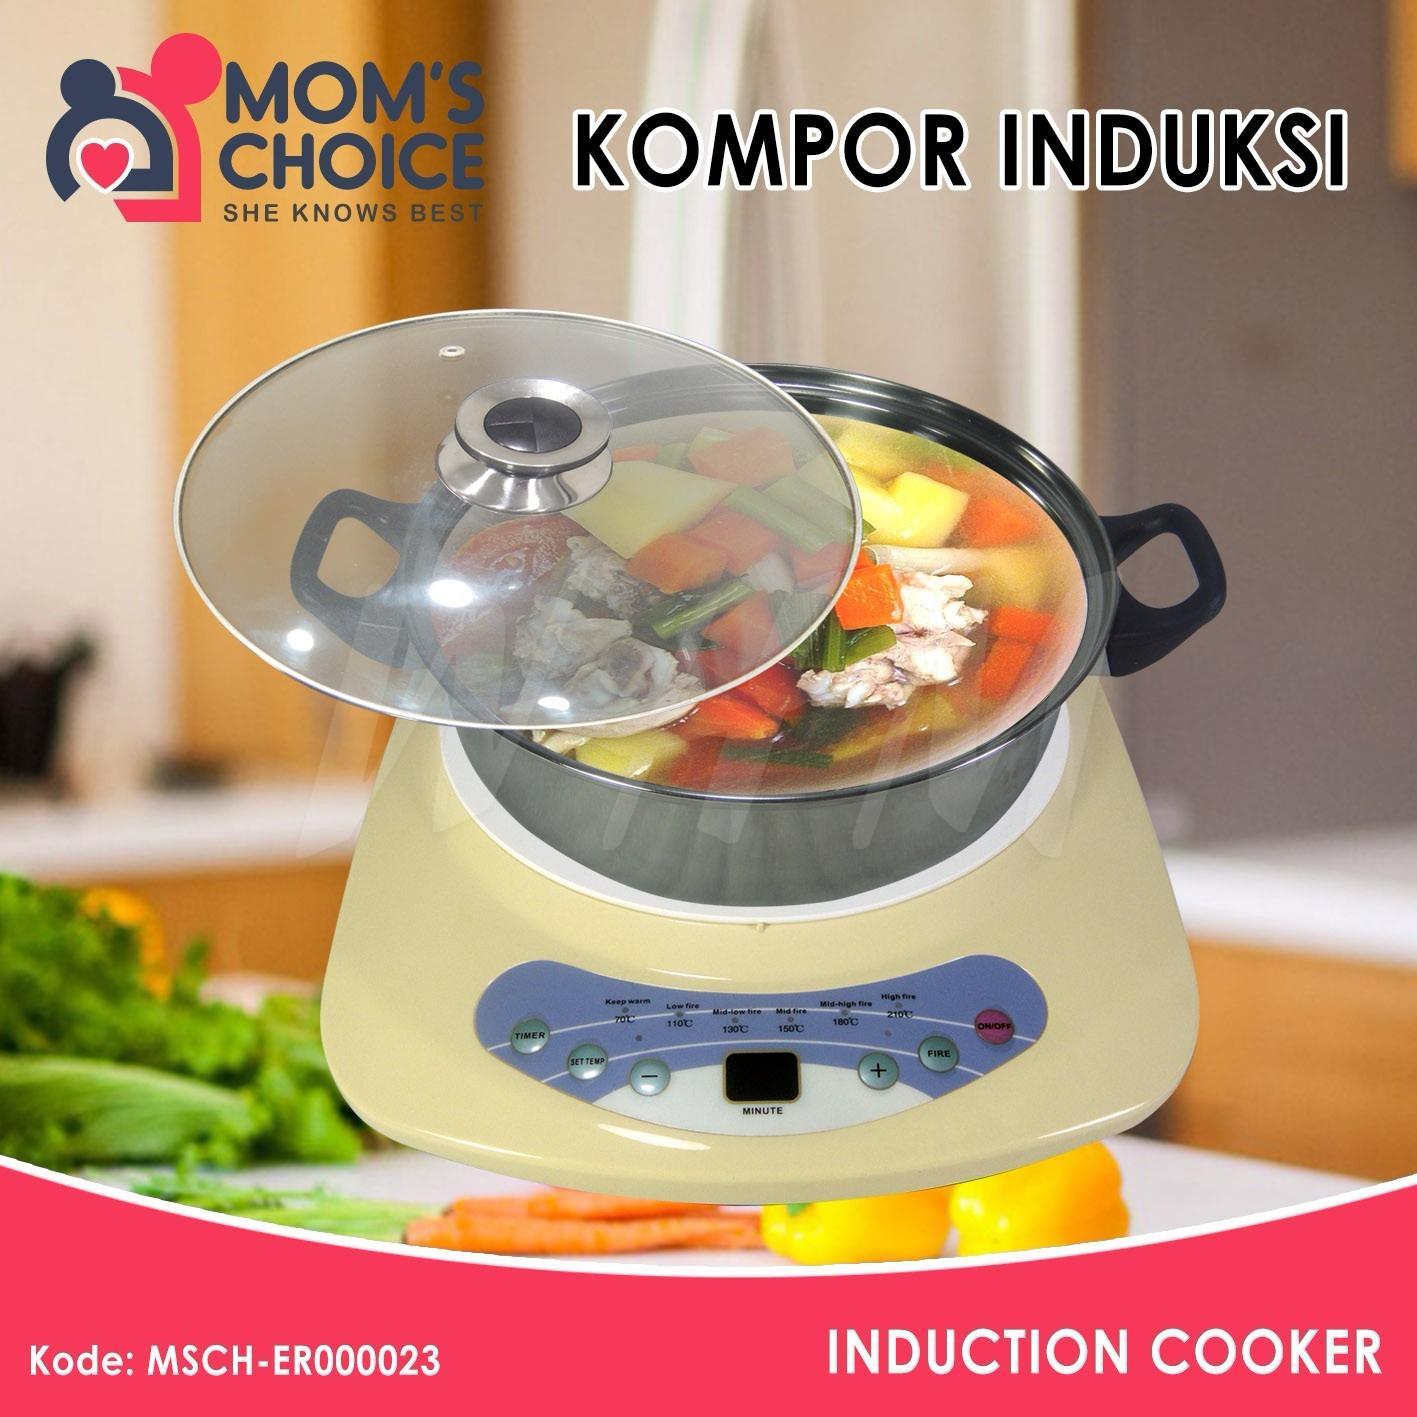 WHM Induction Cooker C328-16F / Kompor Induksi / Kompor Listrik / MSCH-ER000023